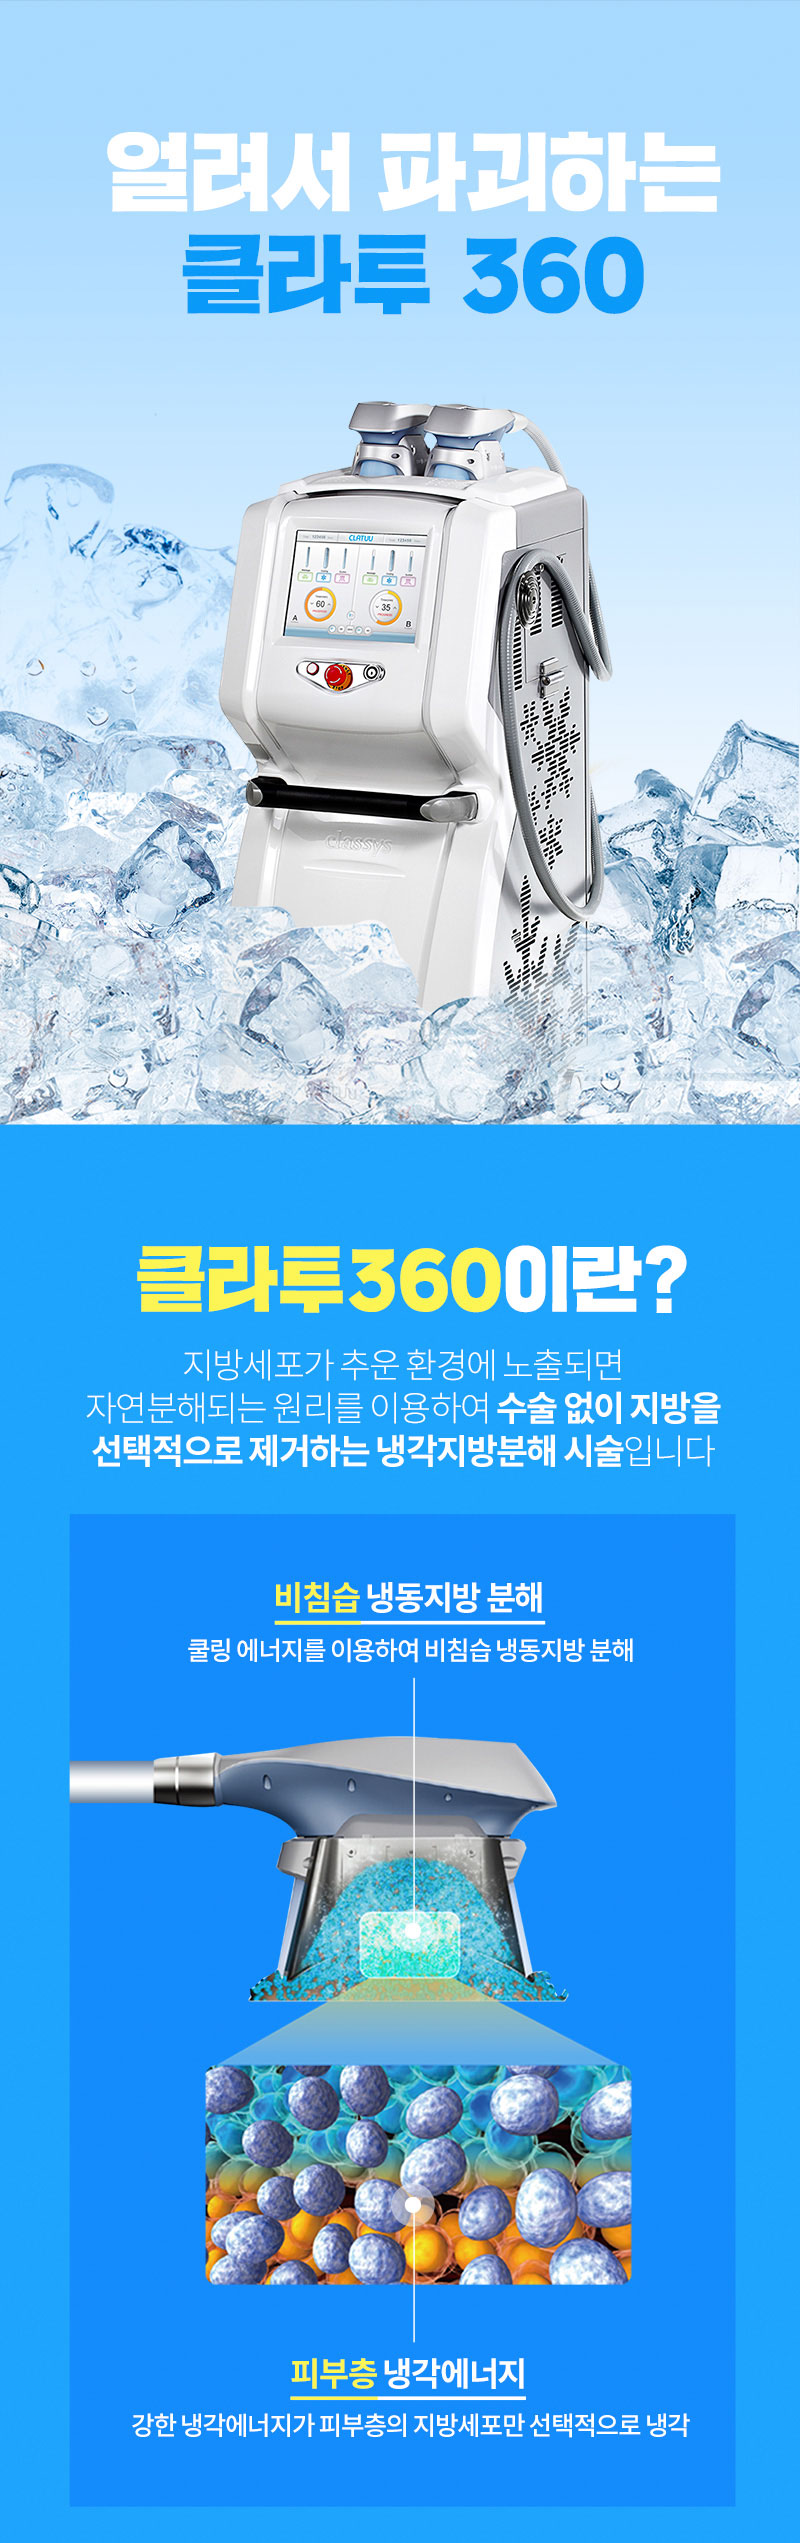 [명동]얼려서 지방파괴, 클라투360